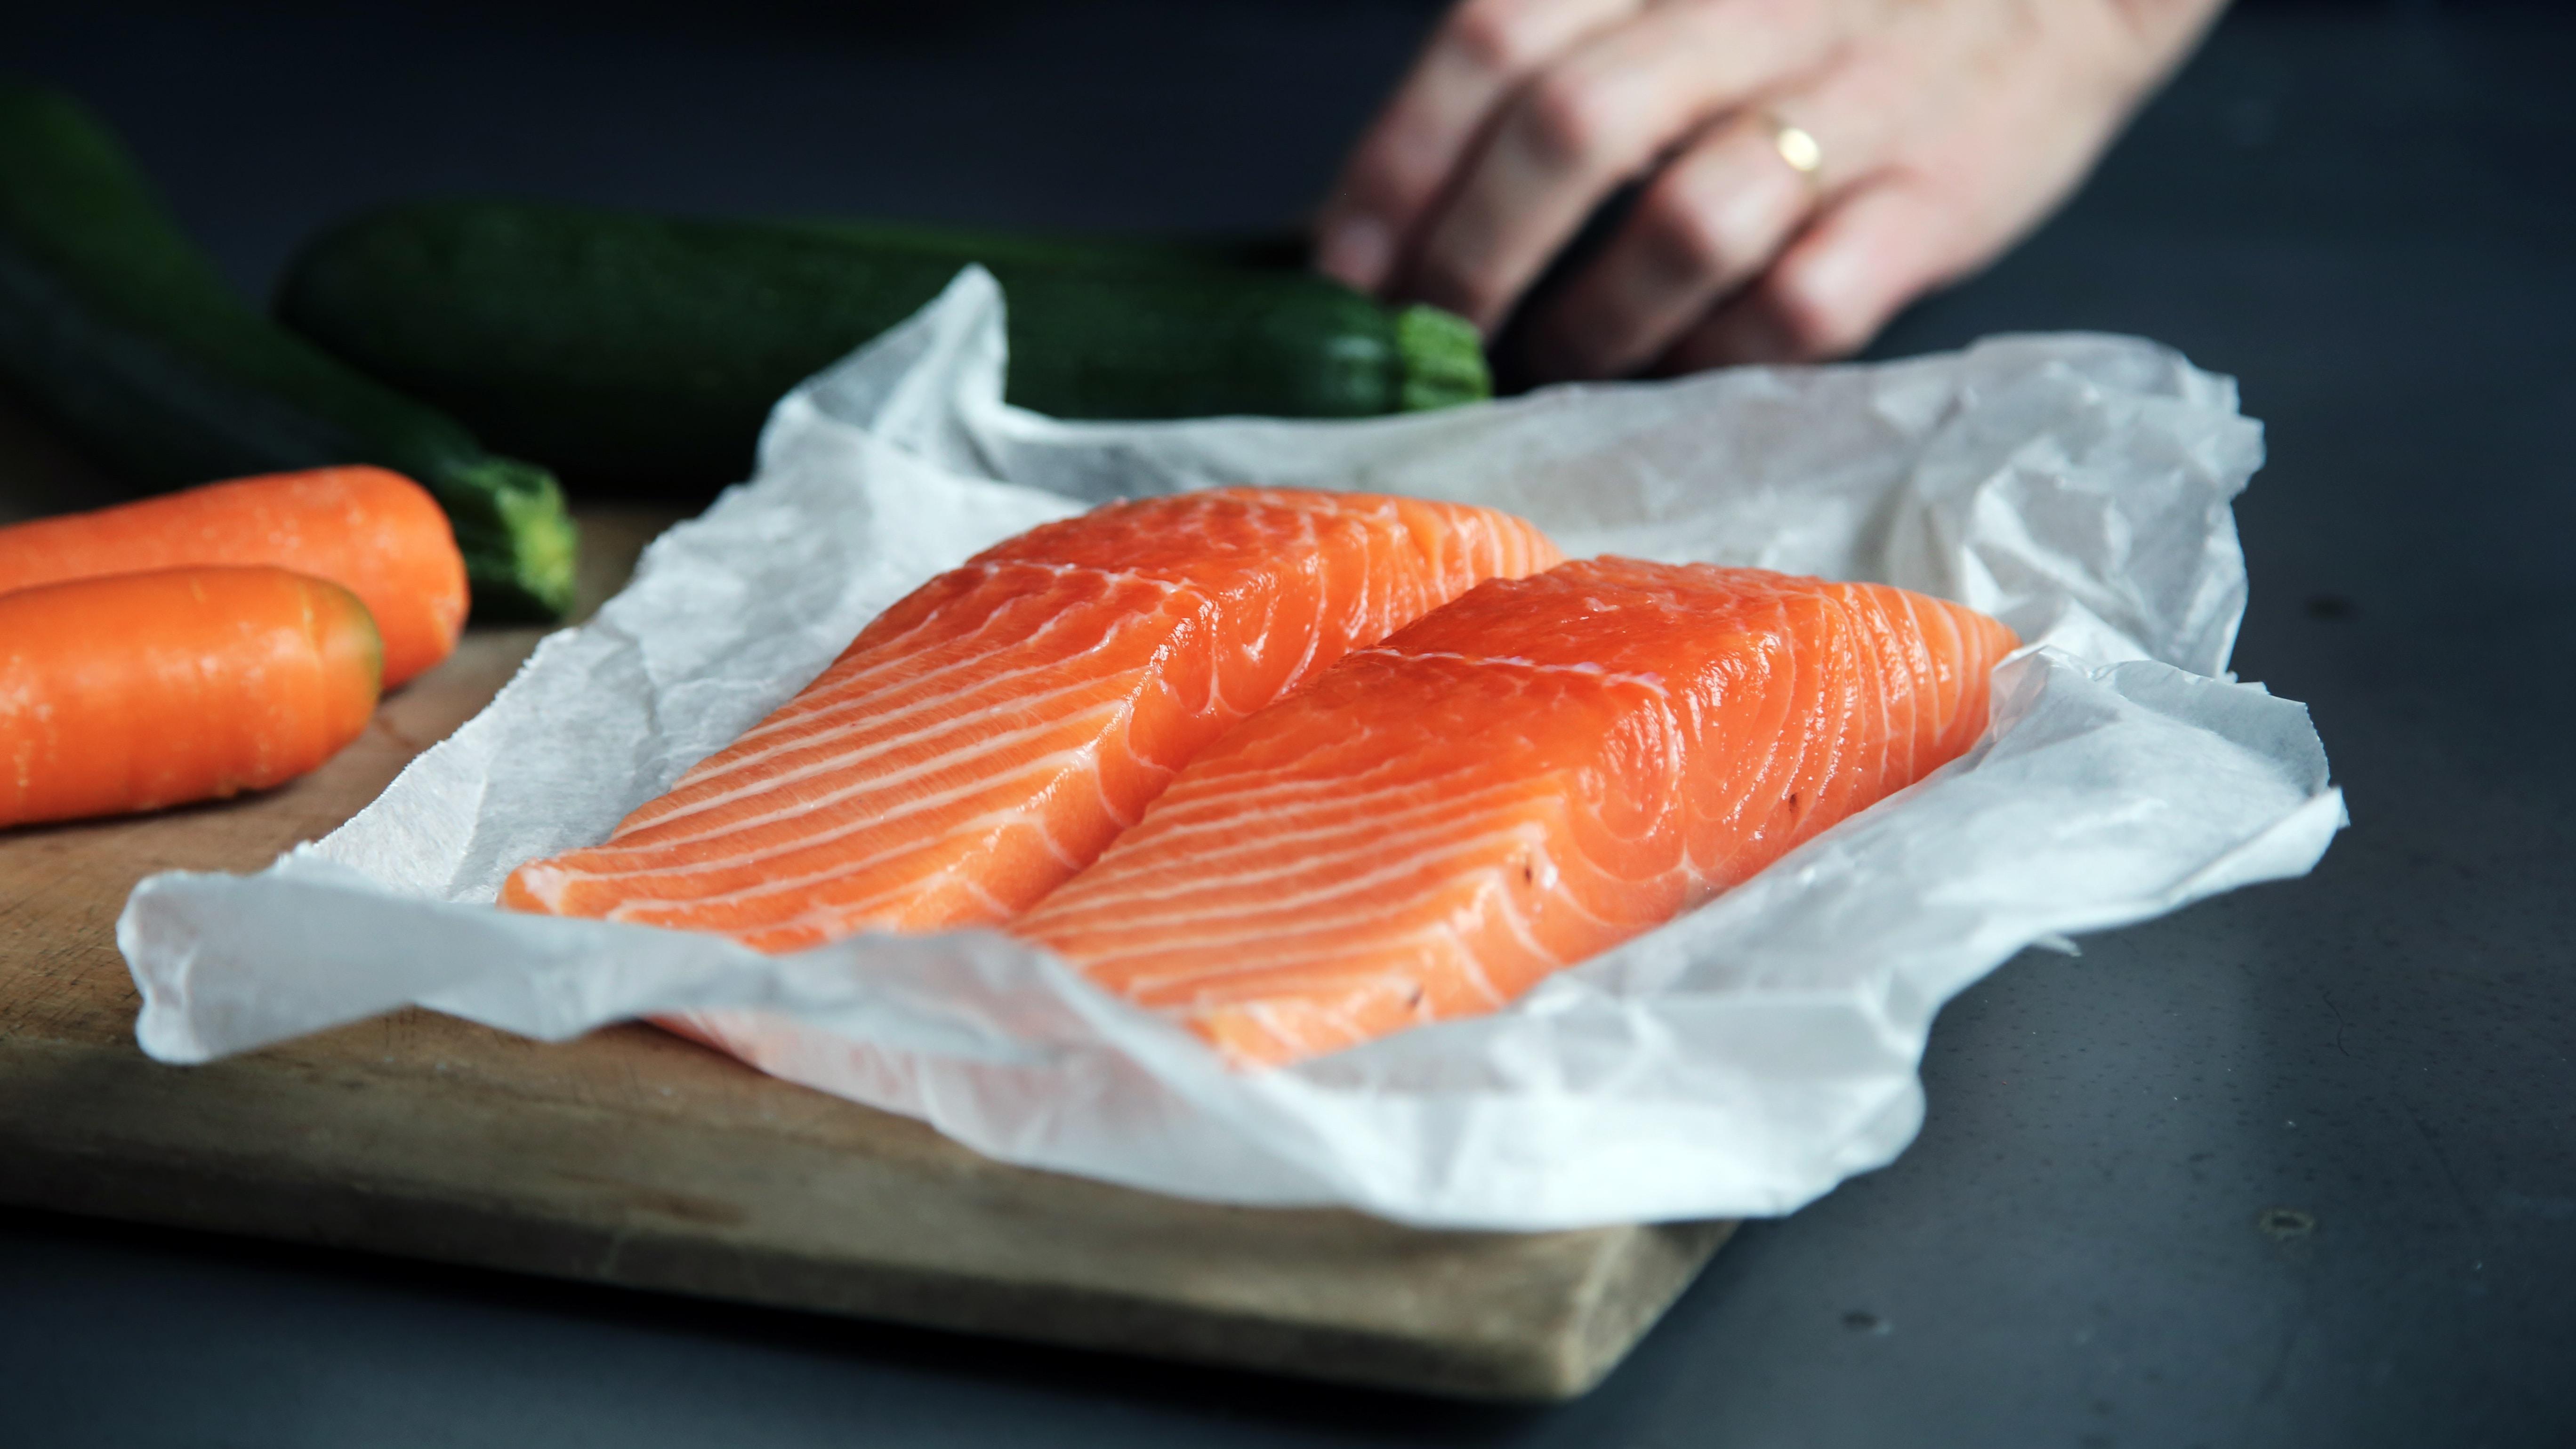 prevent cancer cá béo hai miếng cá hồi nằm kế bên củ cà rốt